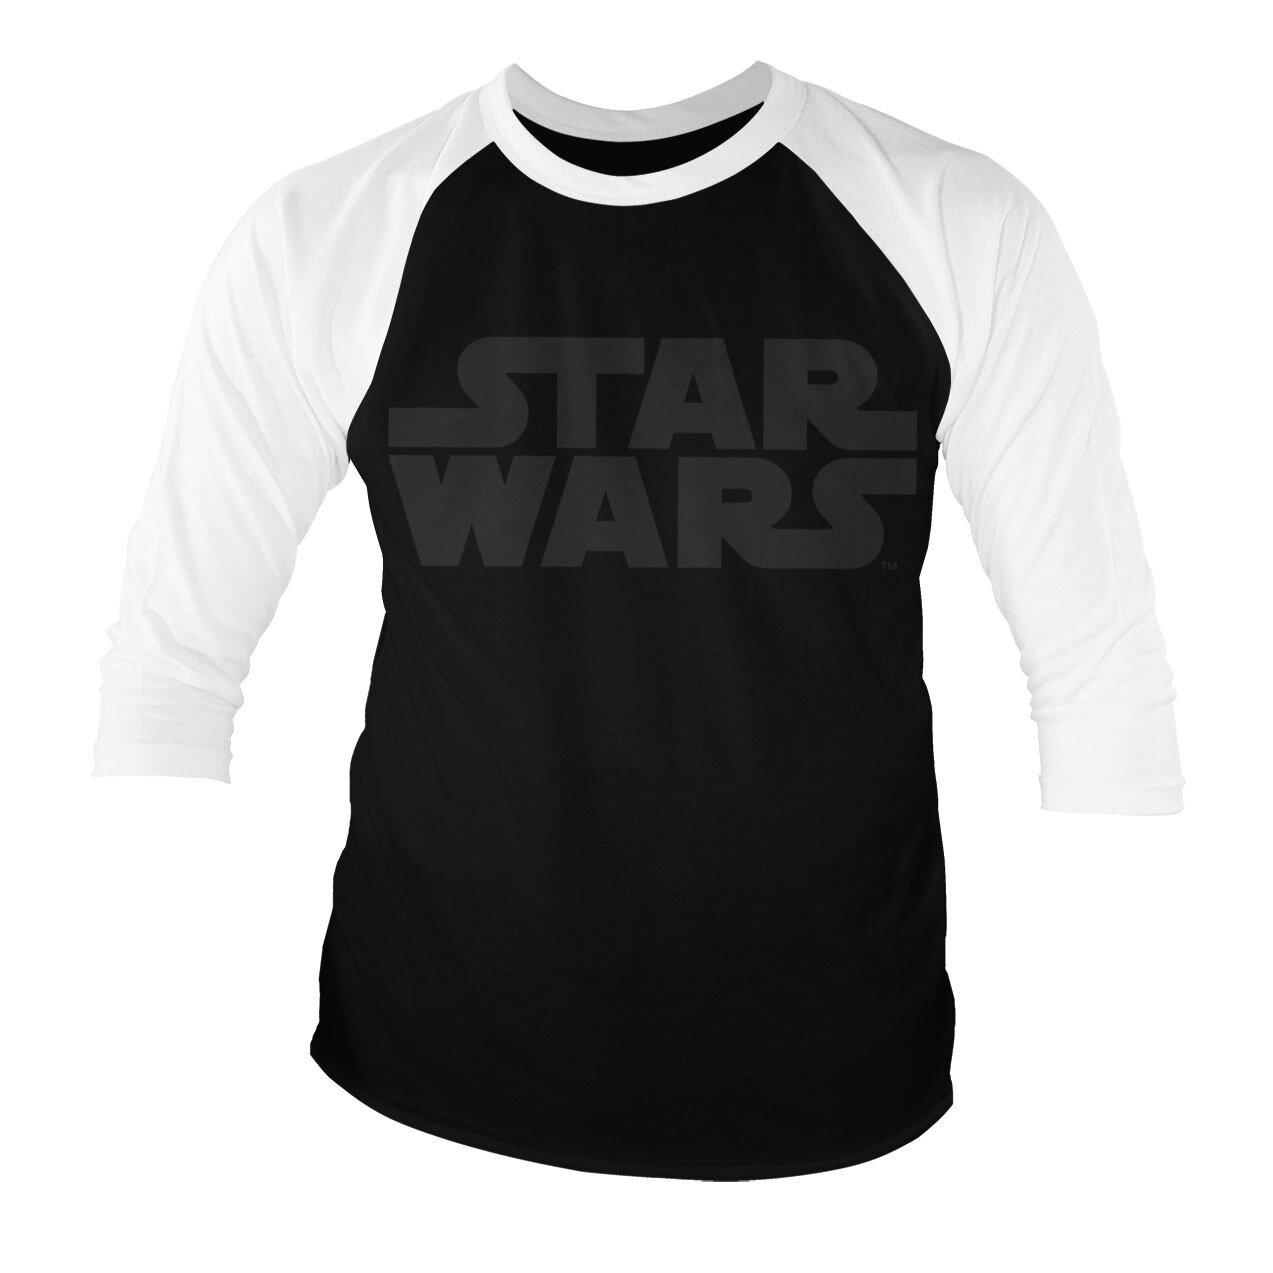 Star Wars Black Logo Baseball 3/4 Sleeve Tee